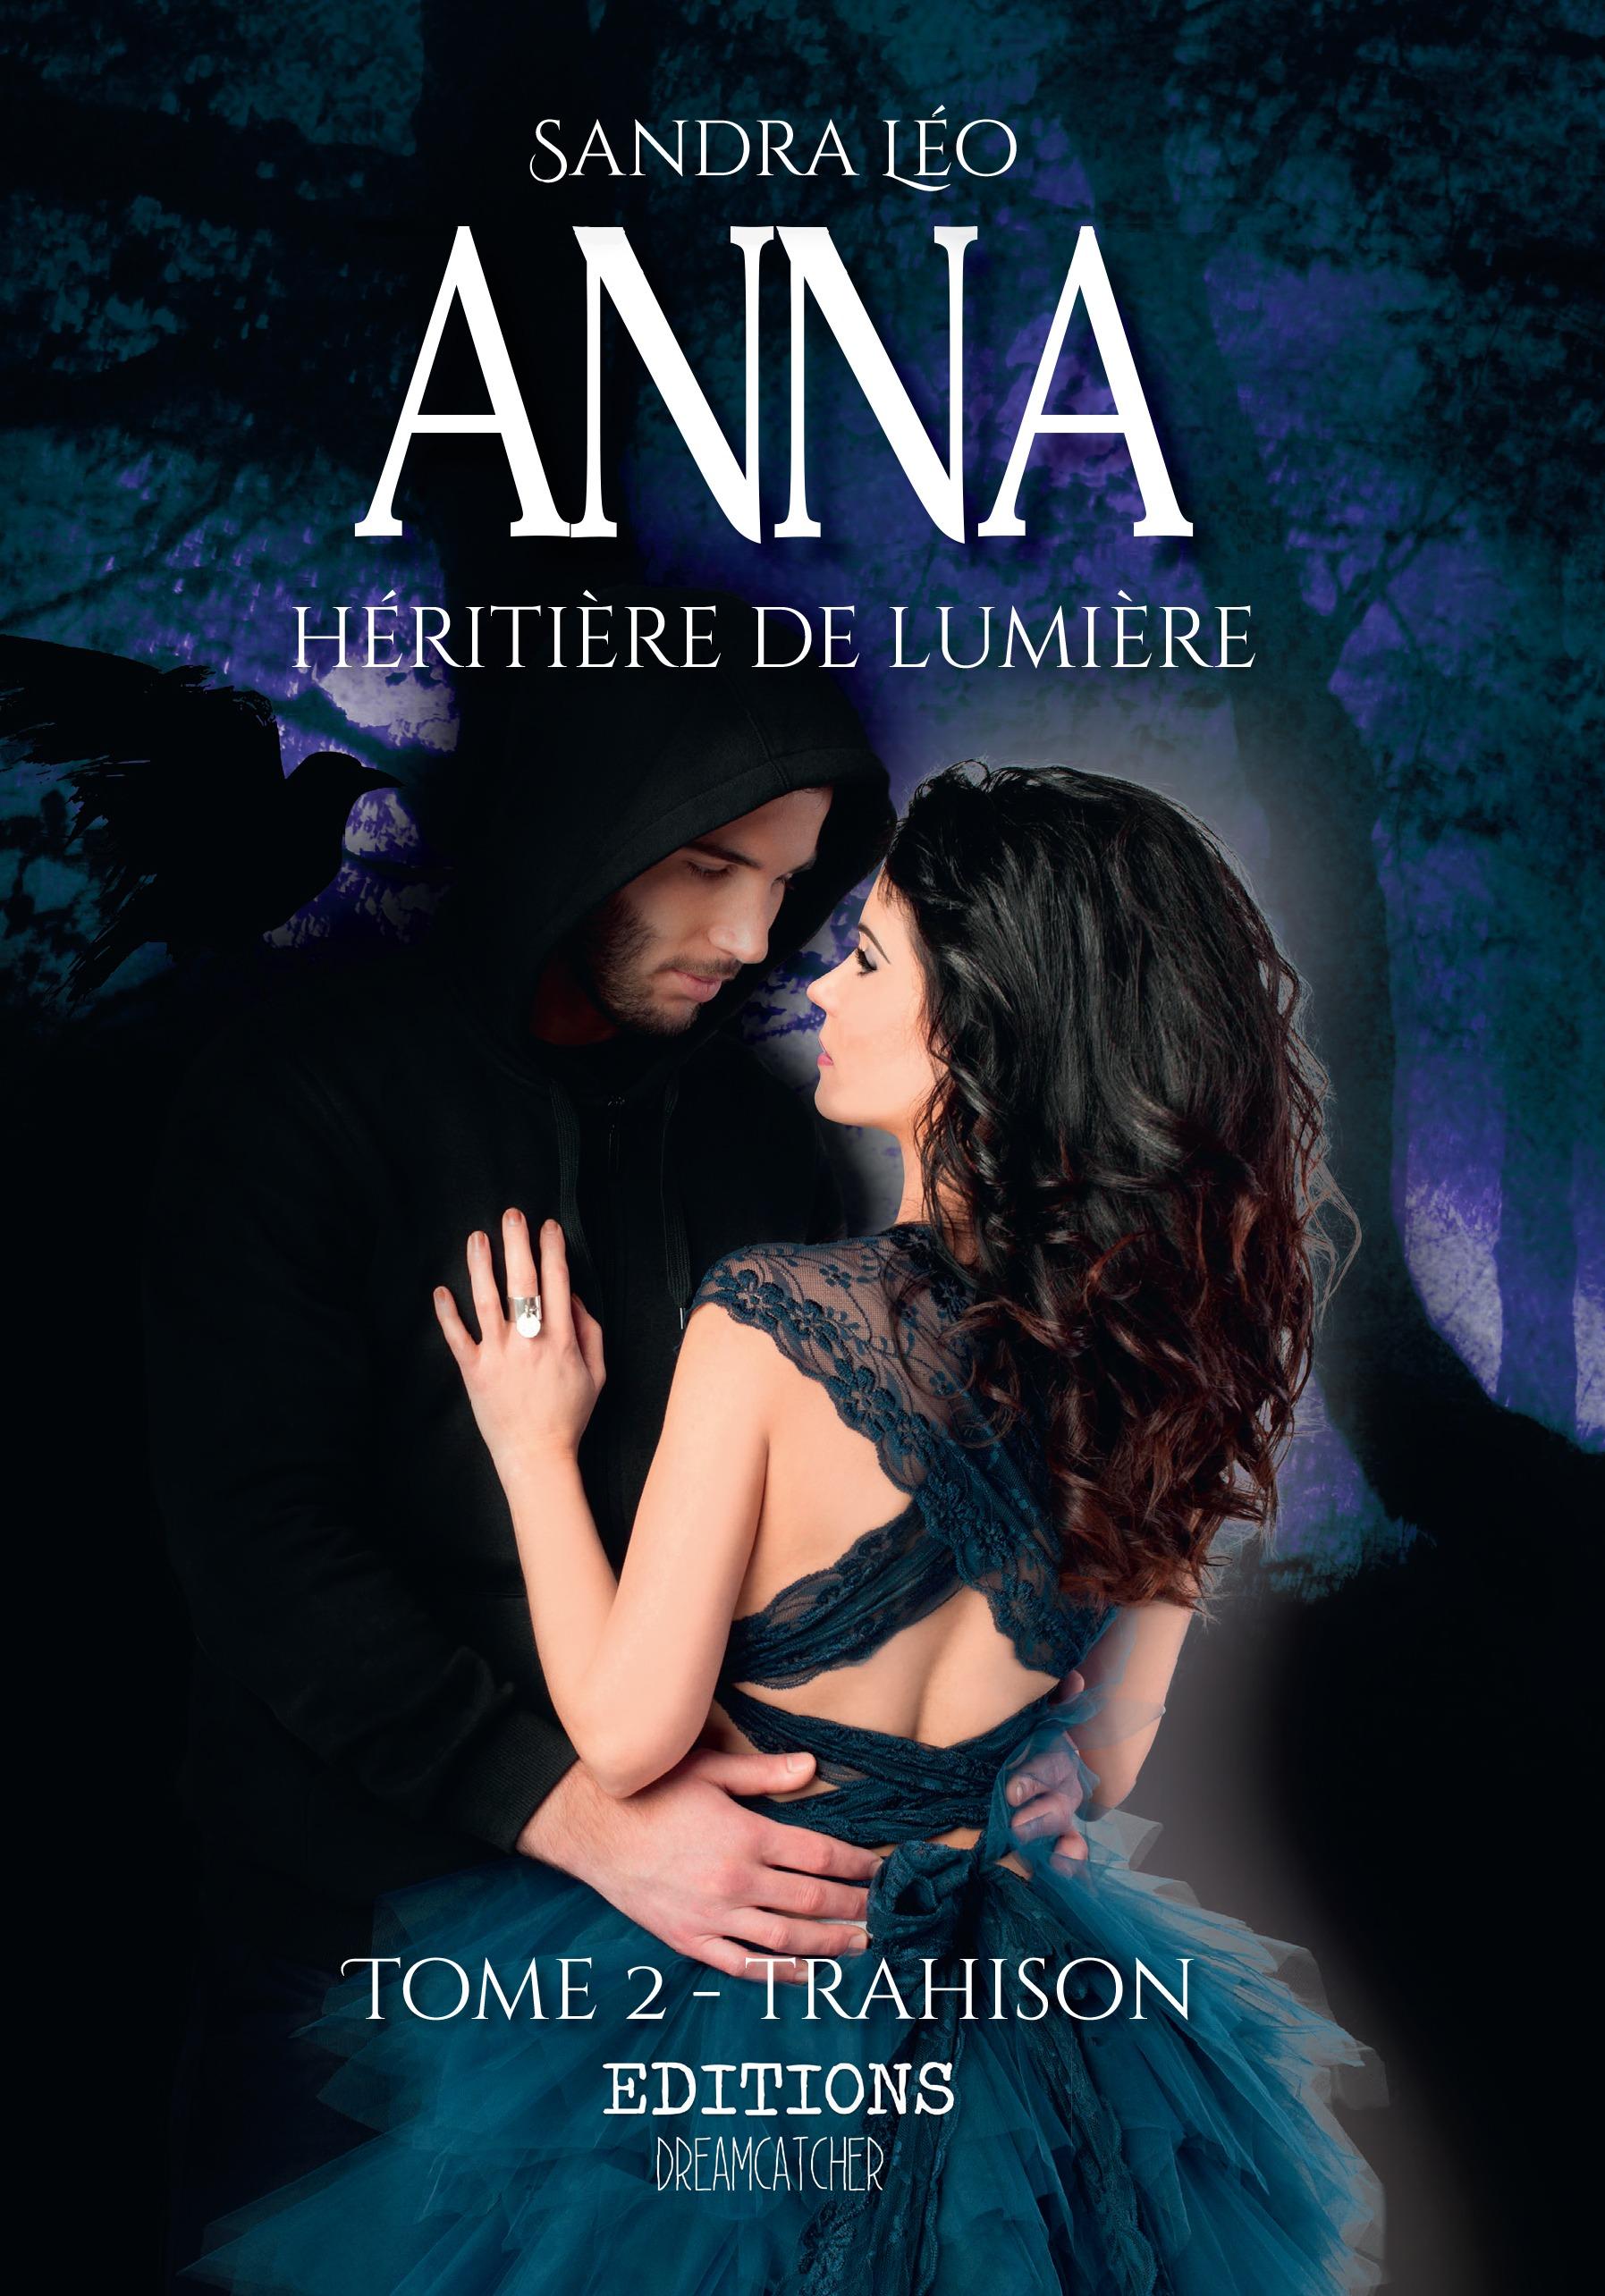 Anna héritière de lumière, TOME 2: TRAHISON